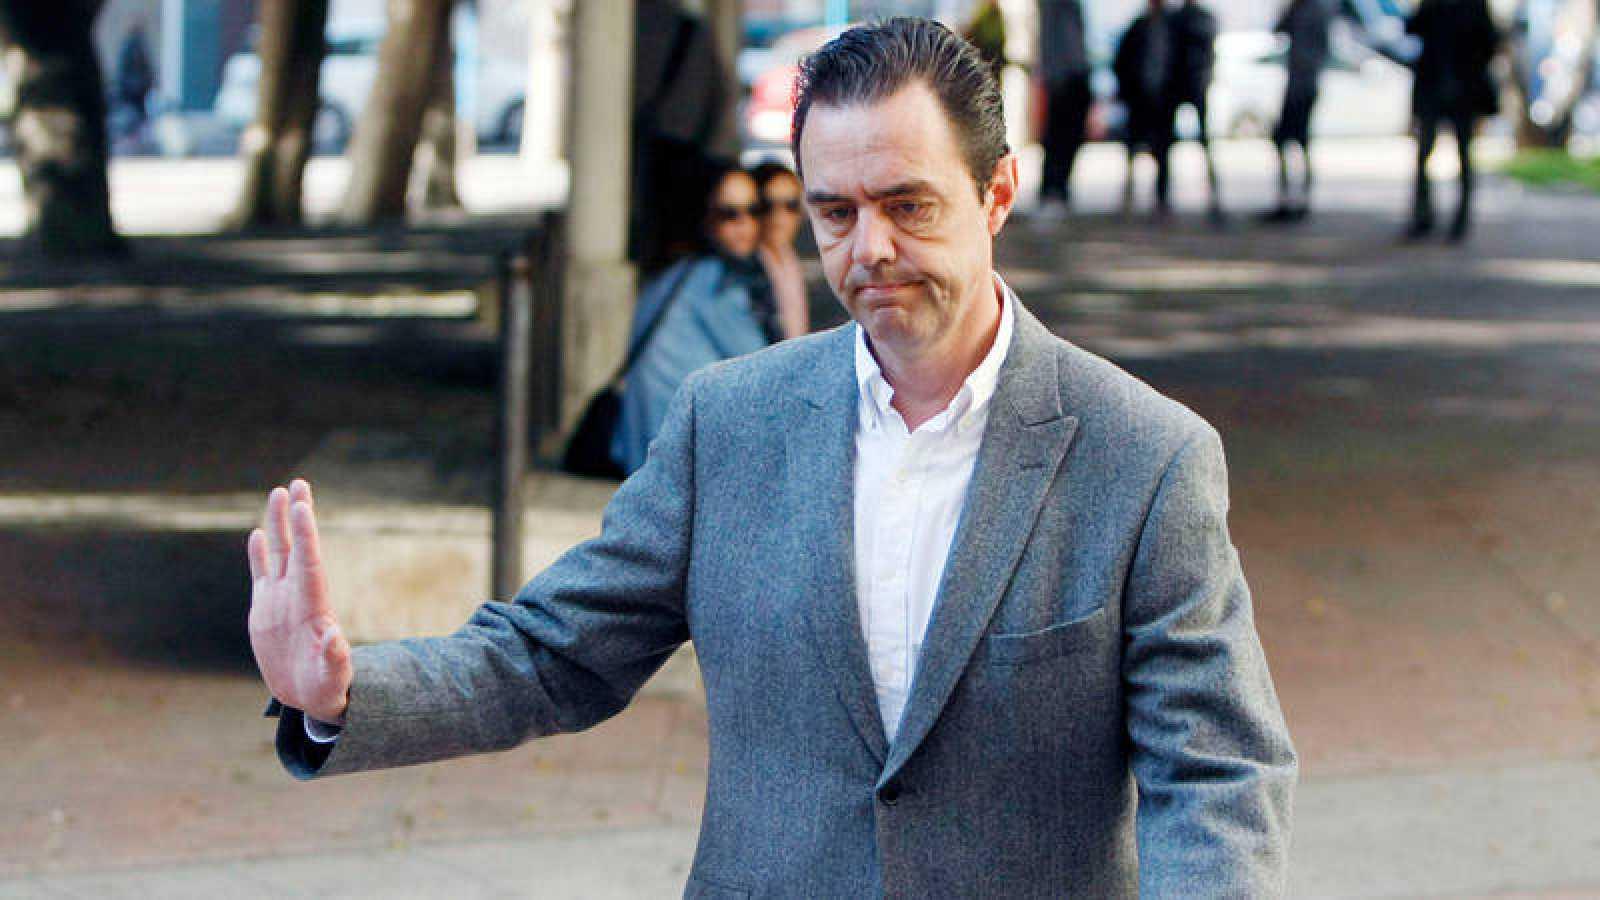 Miguel López, investigado como presunto autor del asesinato de su suegra María del Carmen Martínez